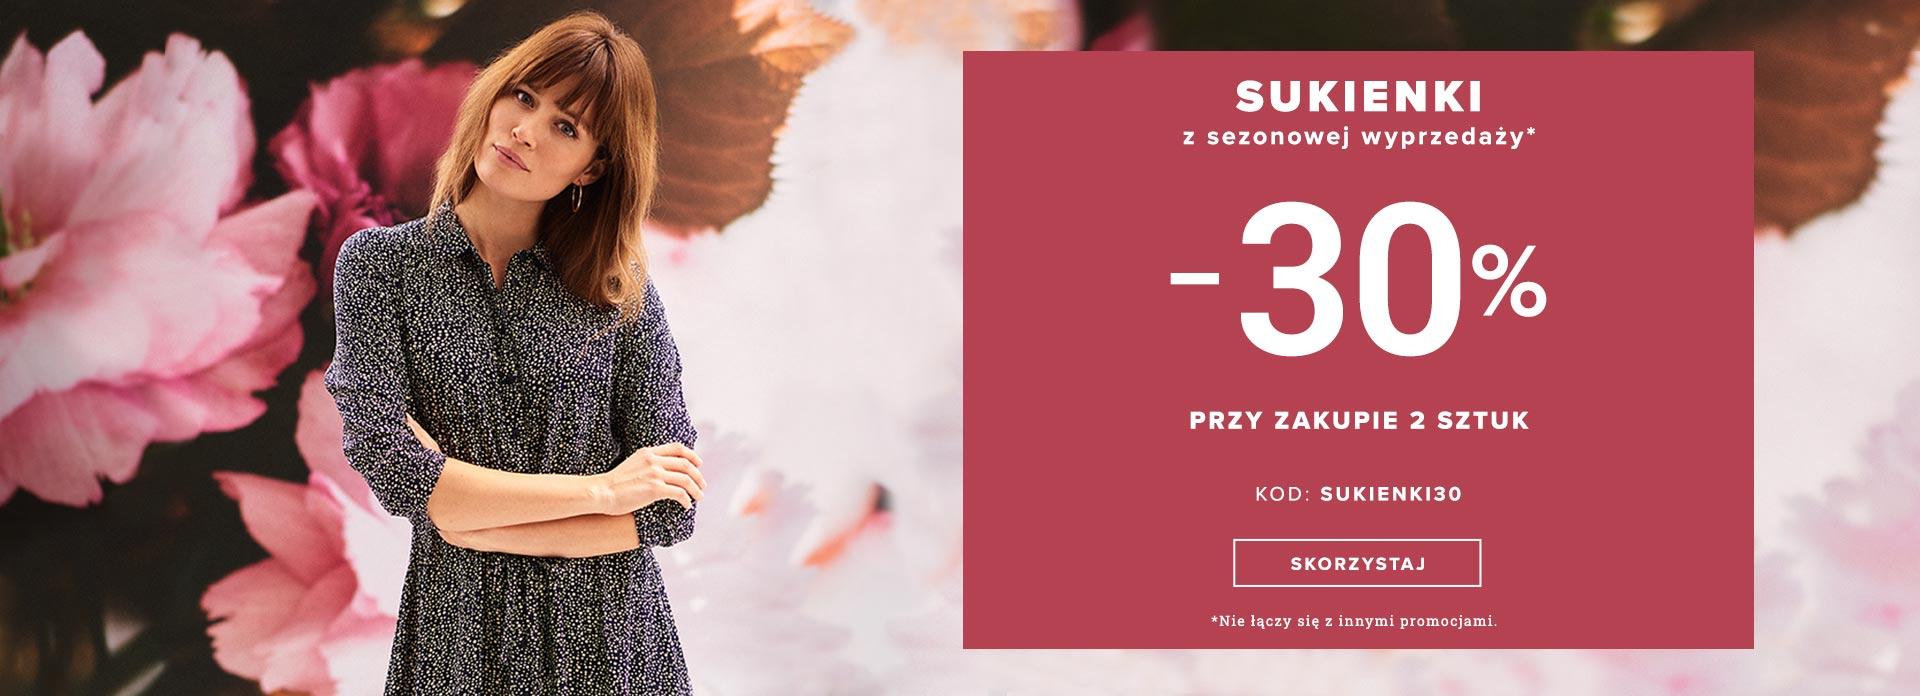 Greenpoint: 30% rabatu na sukienki z sezonowej wyprzedaży przy zakupie 2 sztuk